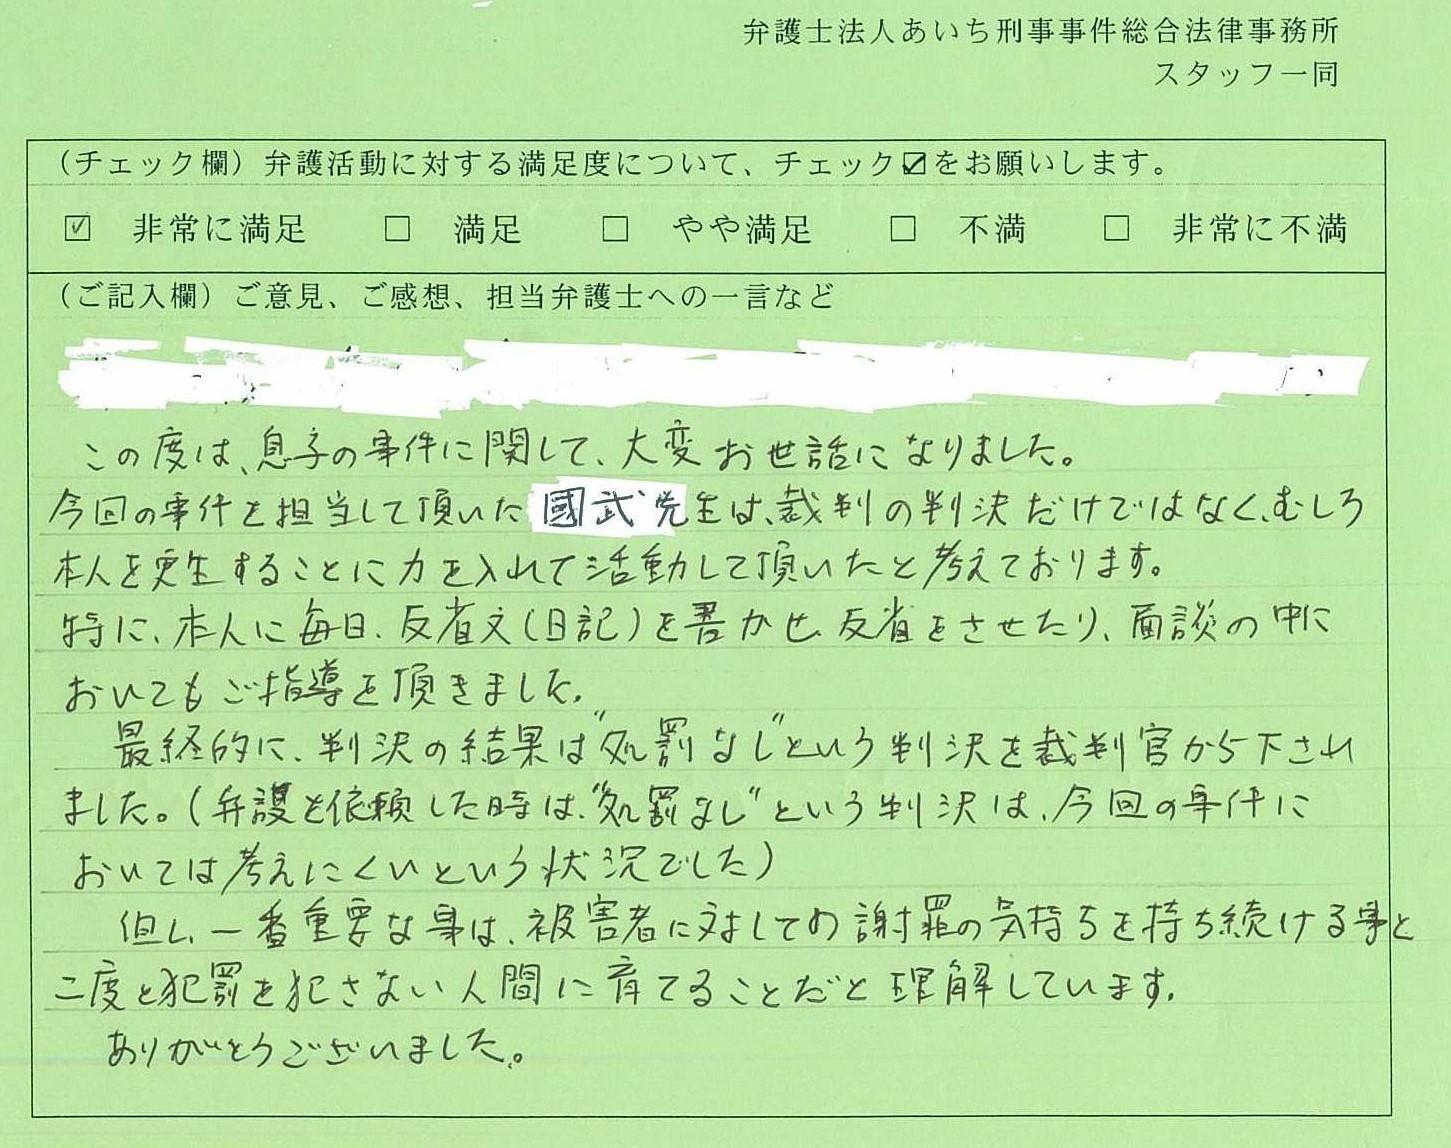 【お客様の声】年齢切迫の少年による盗撮事件 審判で不処分を得る弁護士